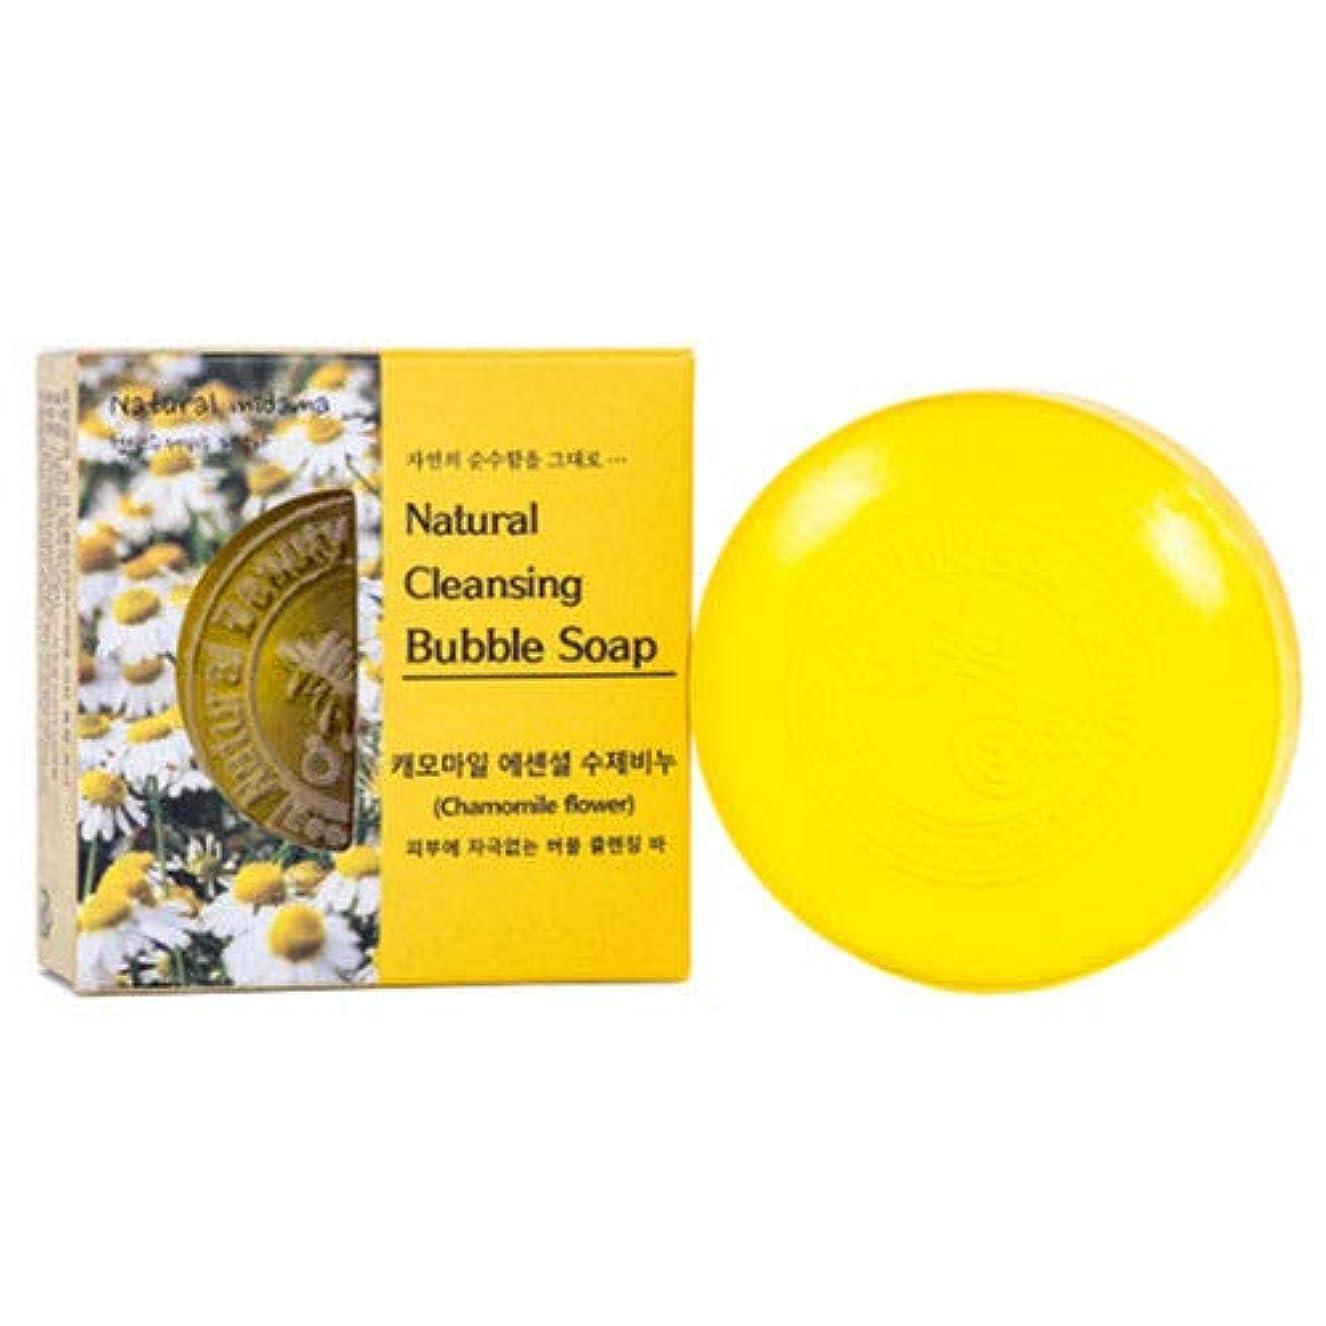 不可能なタール動的天然 石鹸 ナチュラル バブル クレンジング バー/カモマイル ローズ ラベンダー せっけん Herb Oil Skin Soap 100g [並行輸入品] (カモマイル)